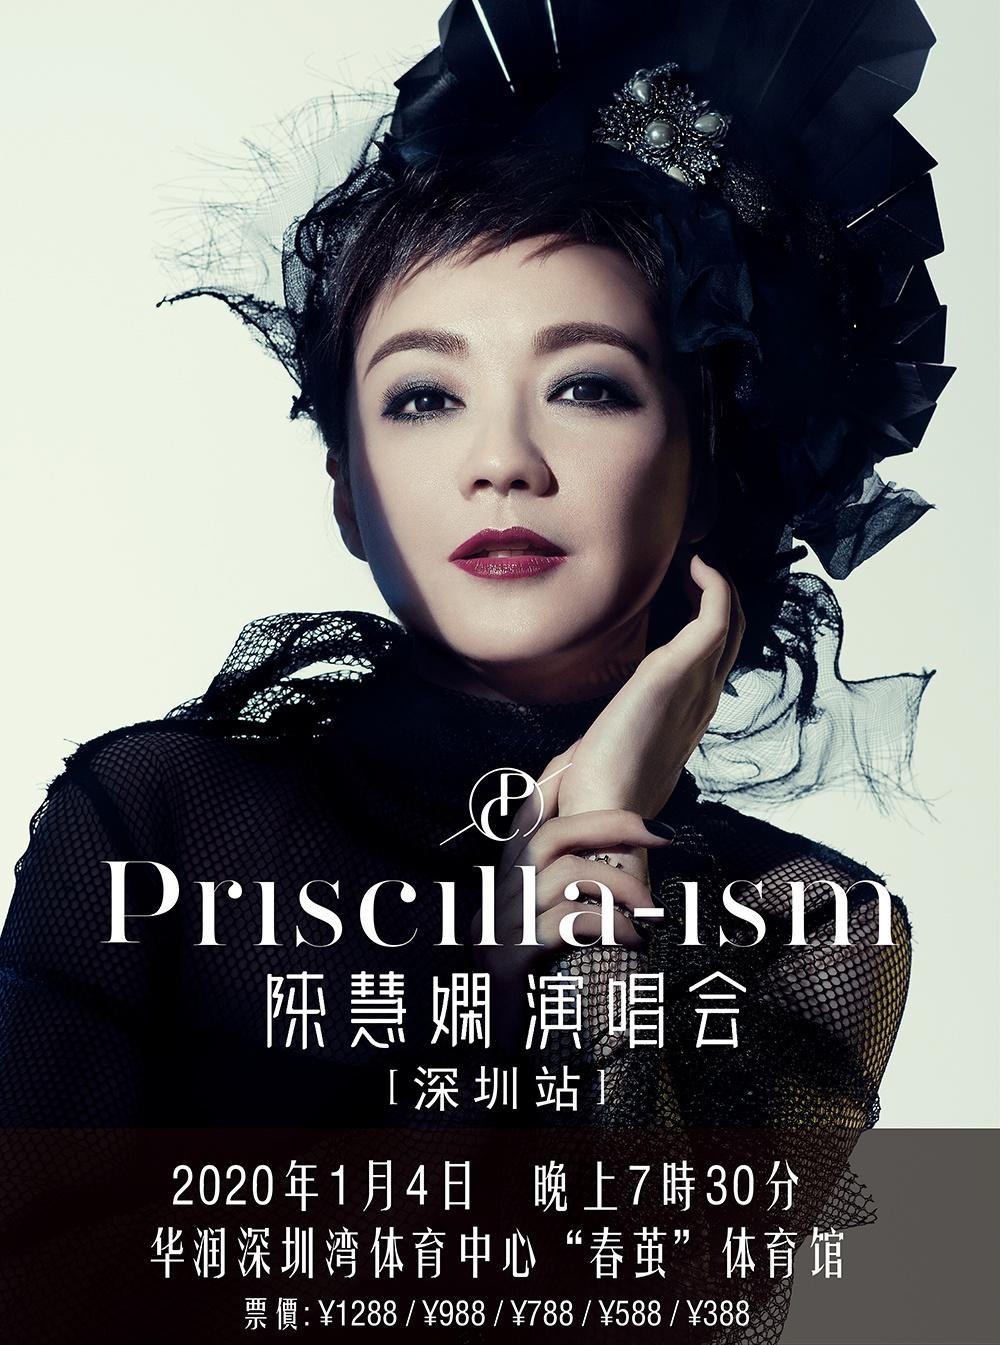 """陈慧娴""""Priscilla-ism""""演唱会深圳站即将开唱 部分票已售罄"""